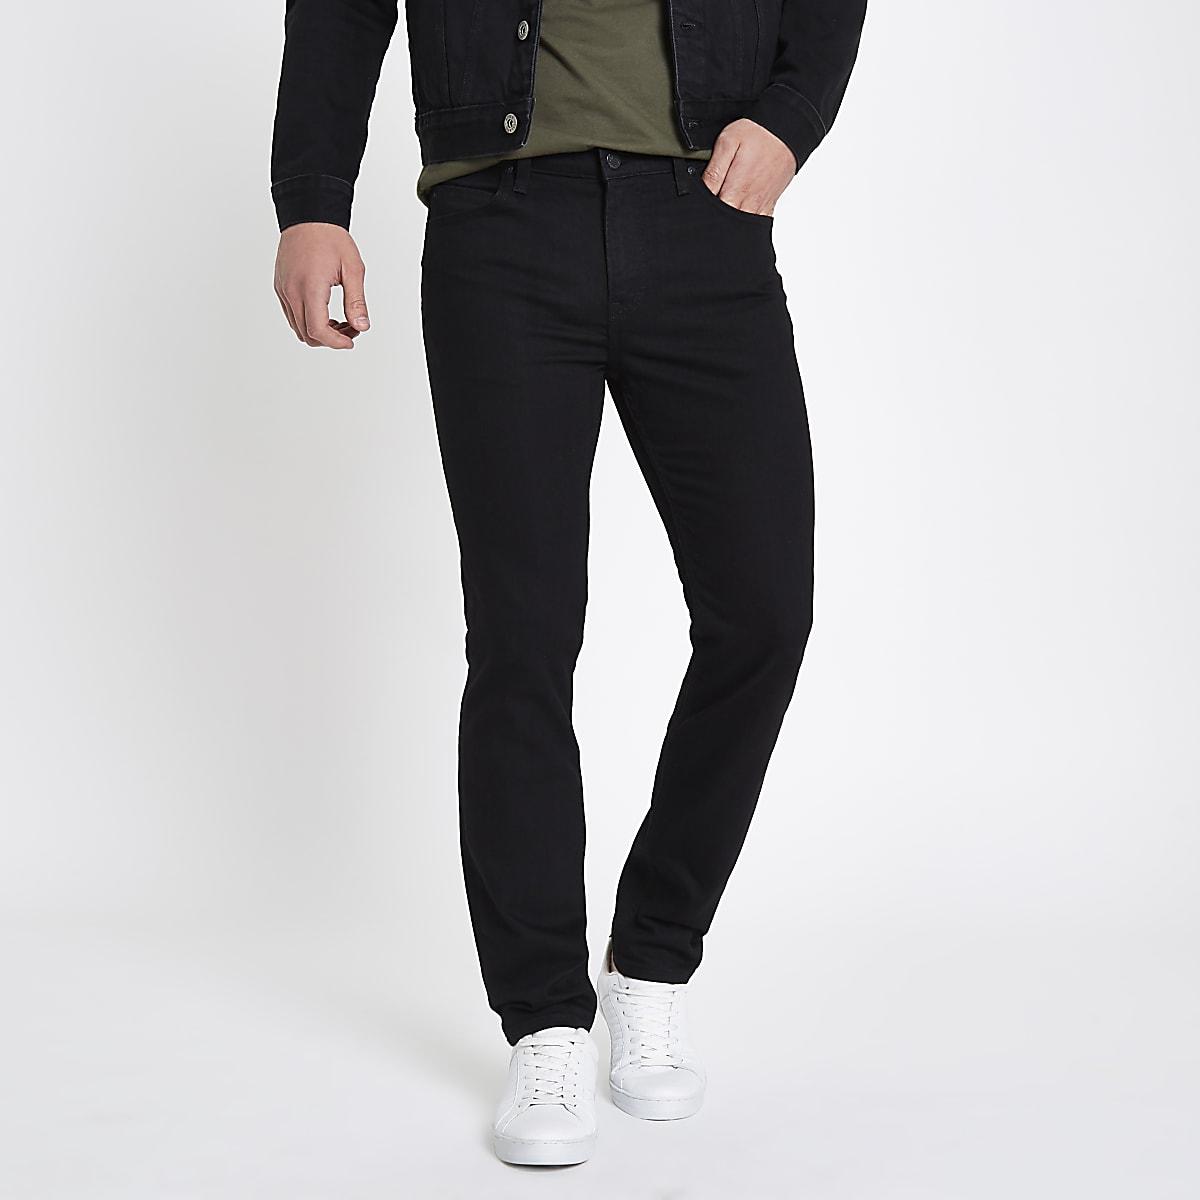 Lee black slim fit Rider jeans